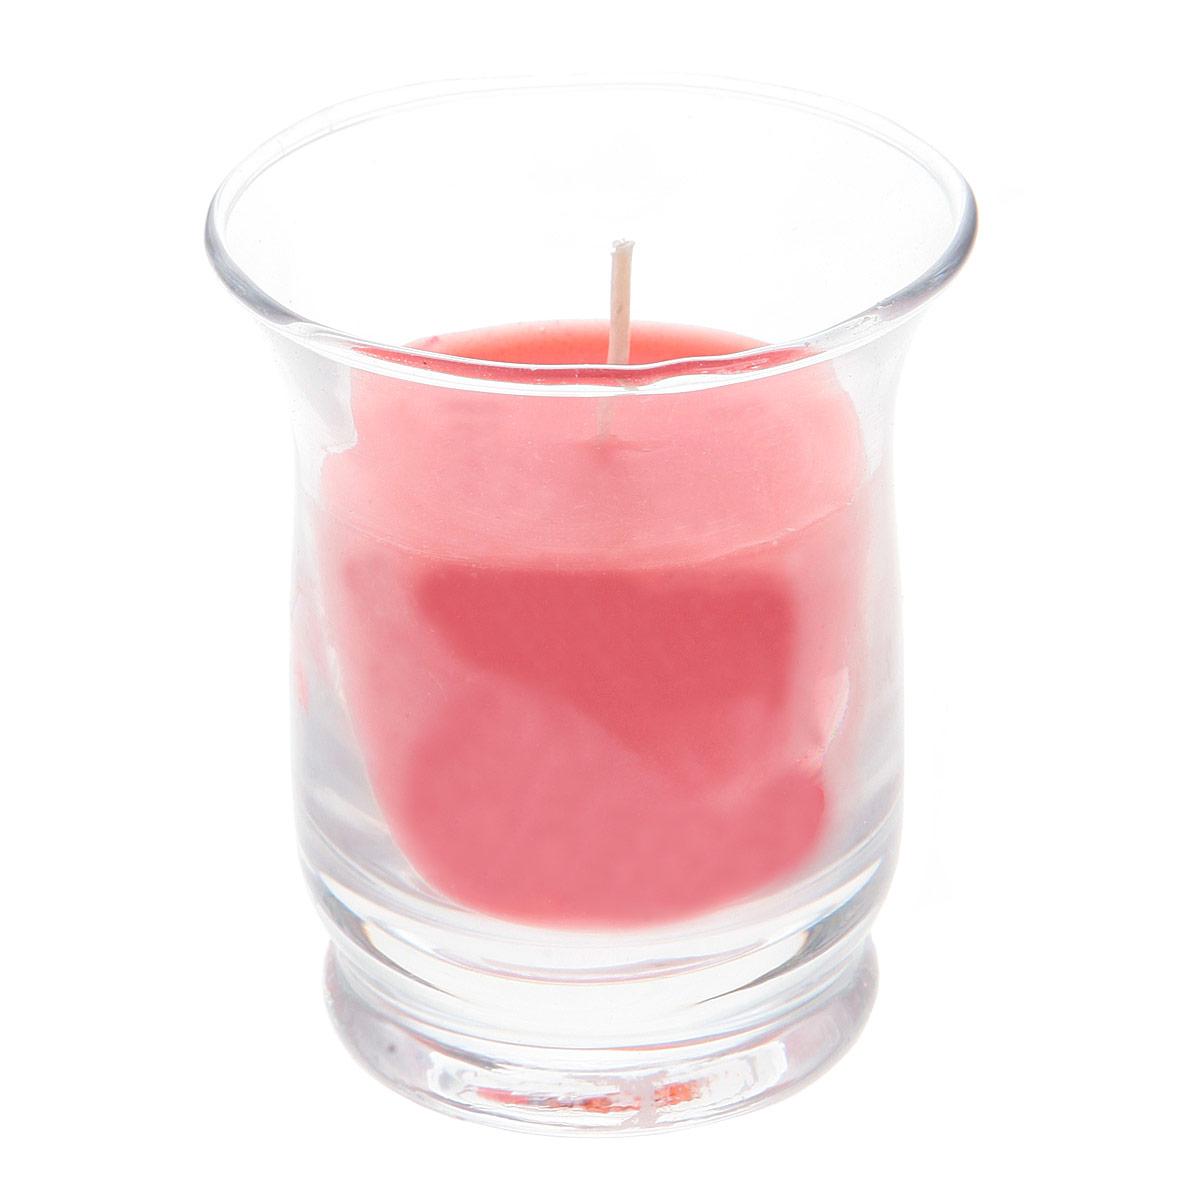 Свеча ароматизированная Sima-land Клубника, высота 7 см свеча ароматизированная sima land корица высота 7 5 см 849544